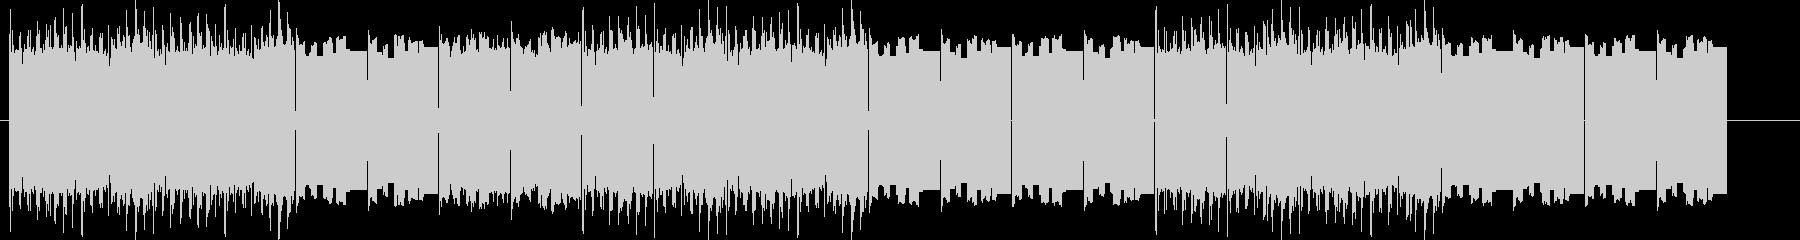 ゲーム・CM・BGMなどに。テクノポップの未再生の波形